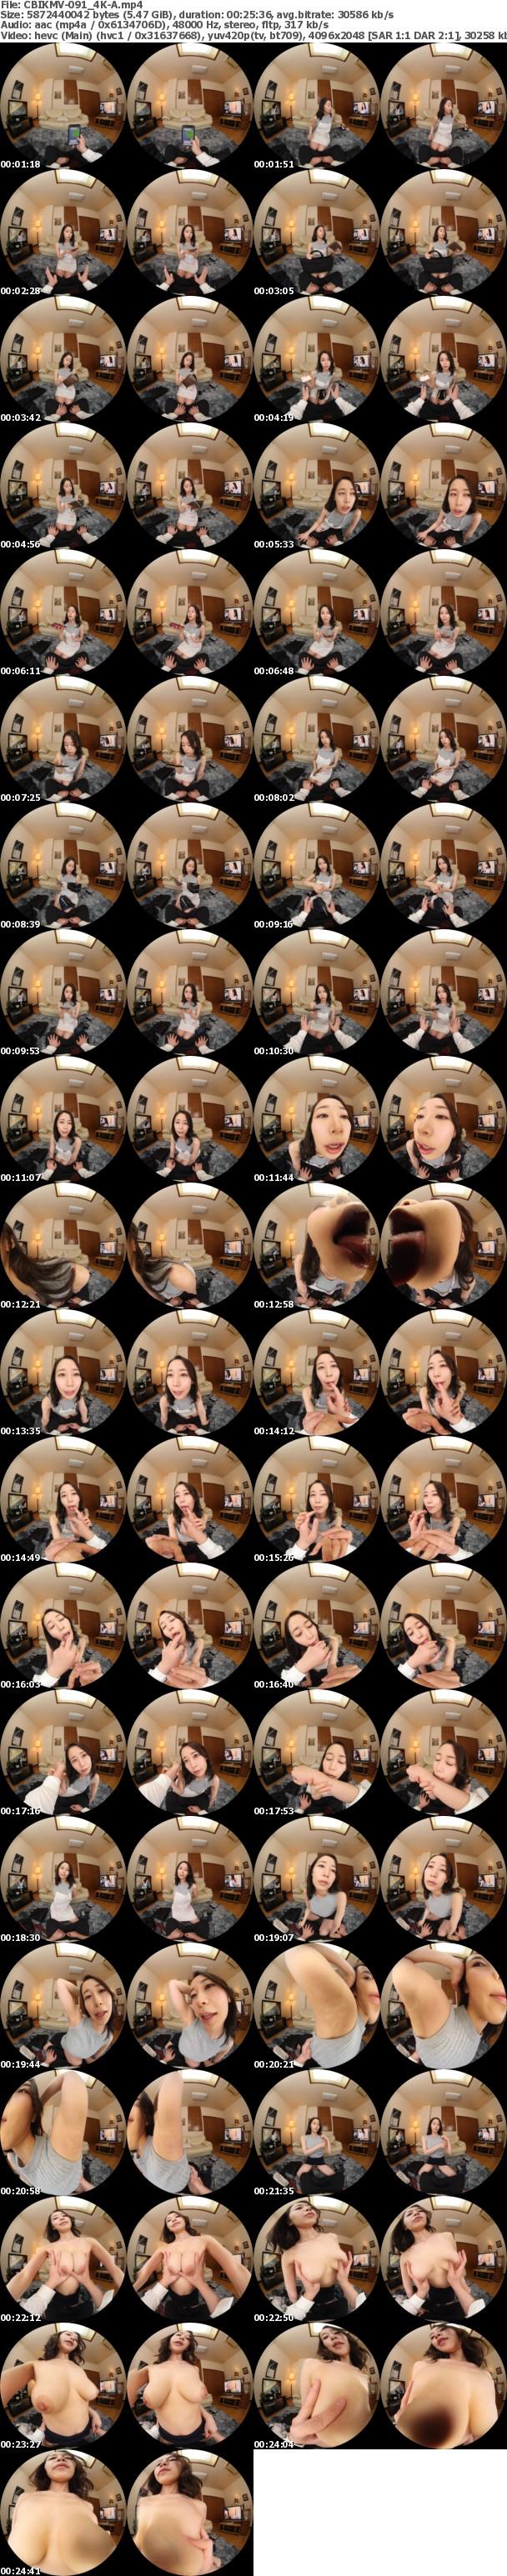 (VR) (4K) CBIKMV-091 あっという間に金玉の底がつく夜 卑猥な微笑みでムチャクチャに喰い尽くす搾取性交 篠田ゆう